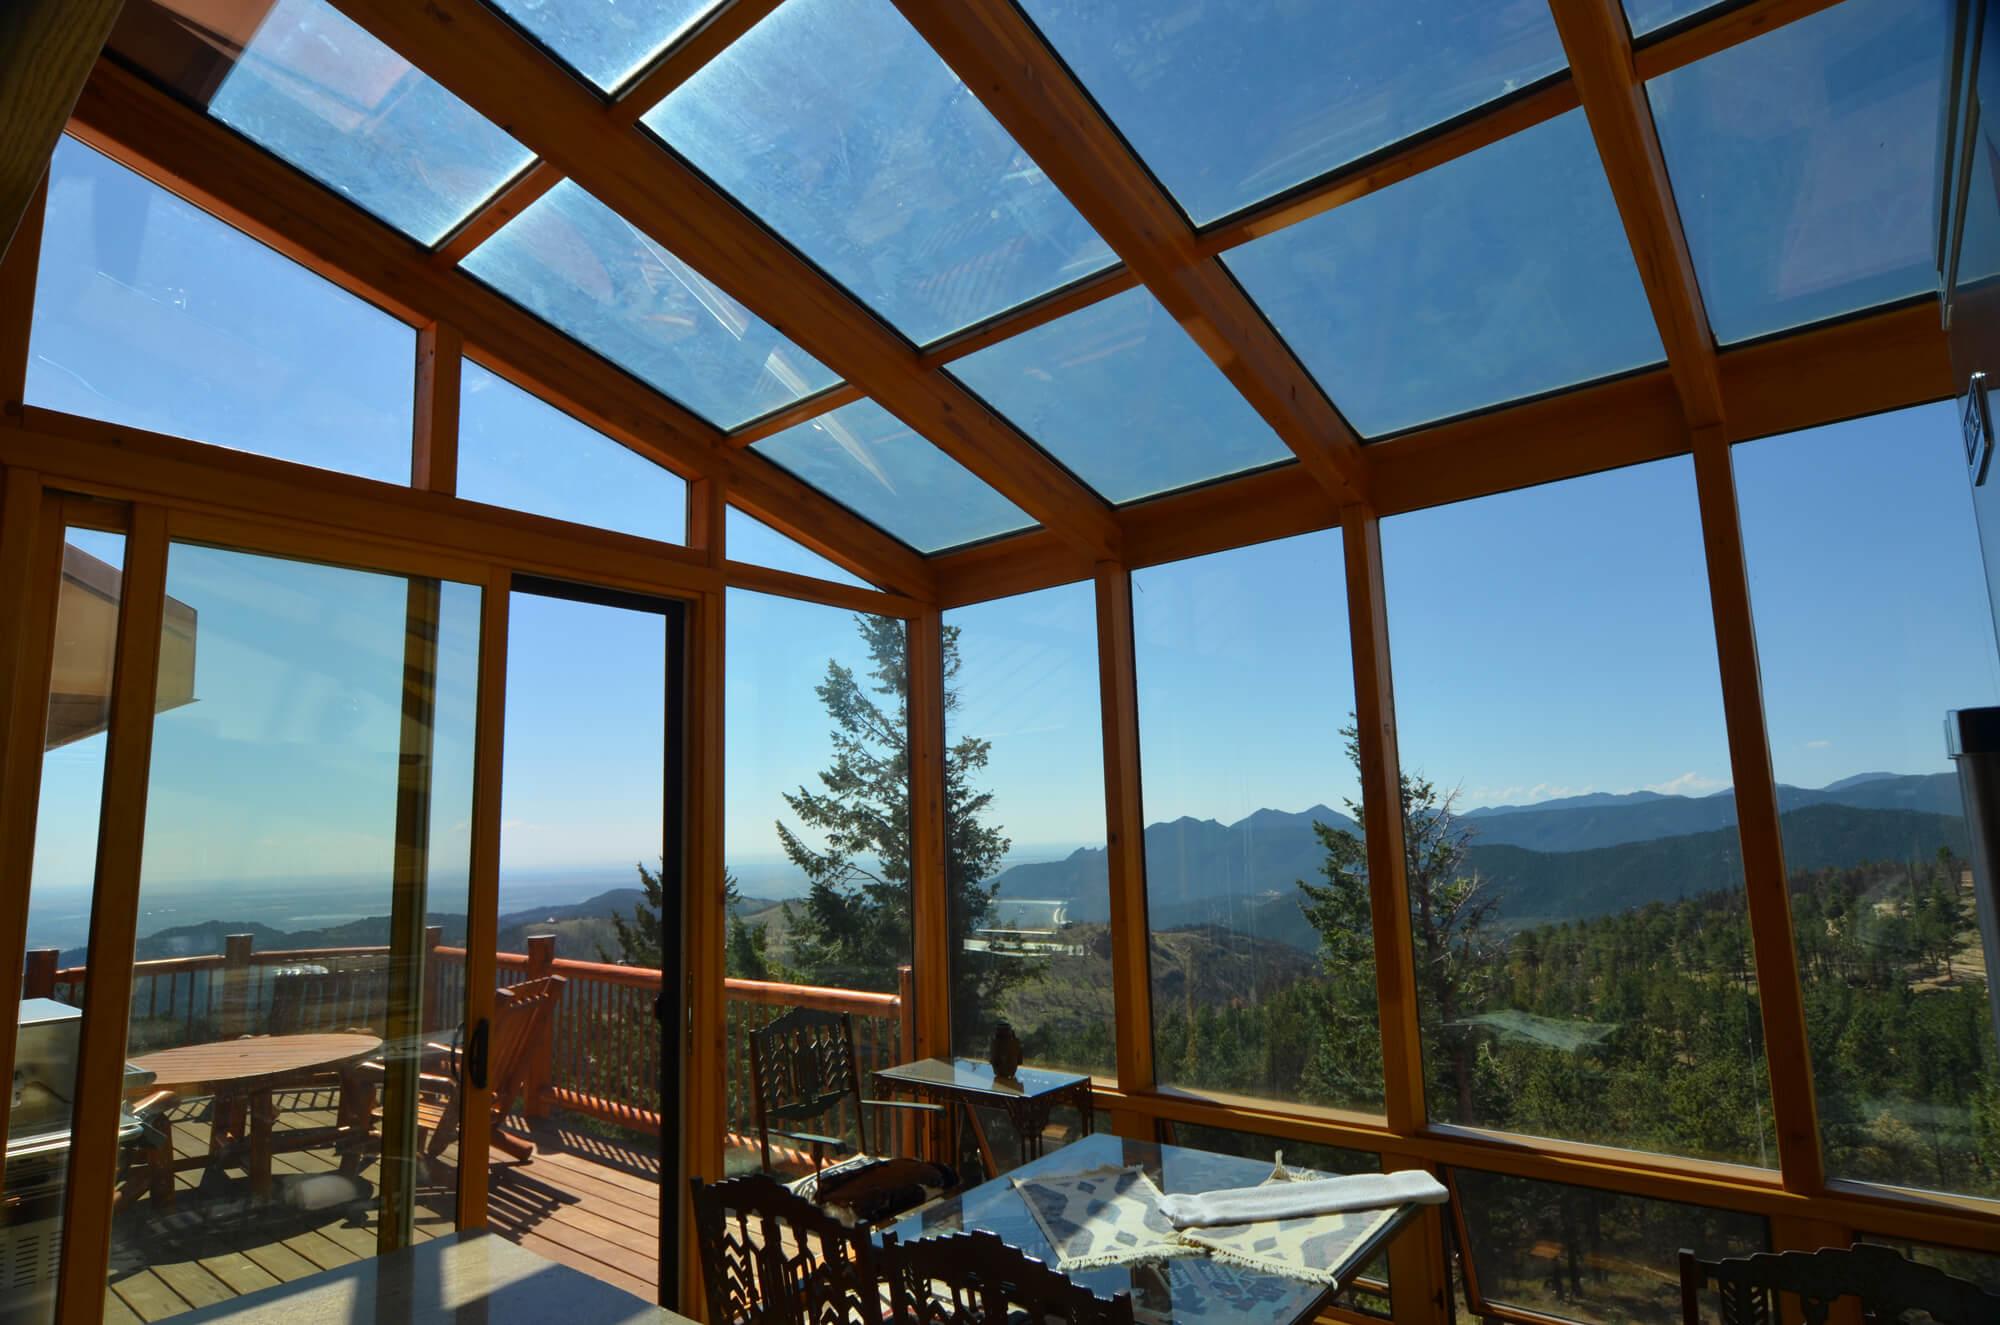 colorado_sunroom_and_window_distributors_custom_sunrooms-wood.jpg